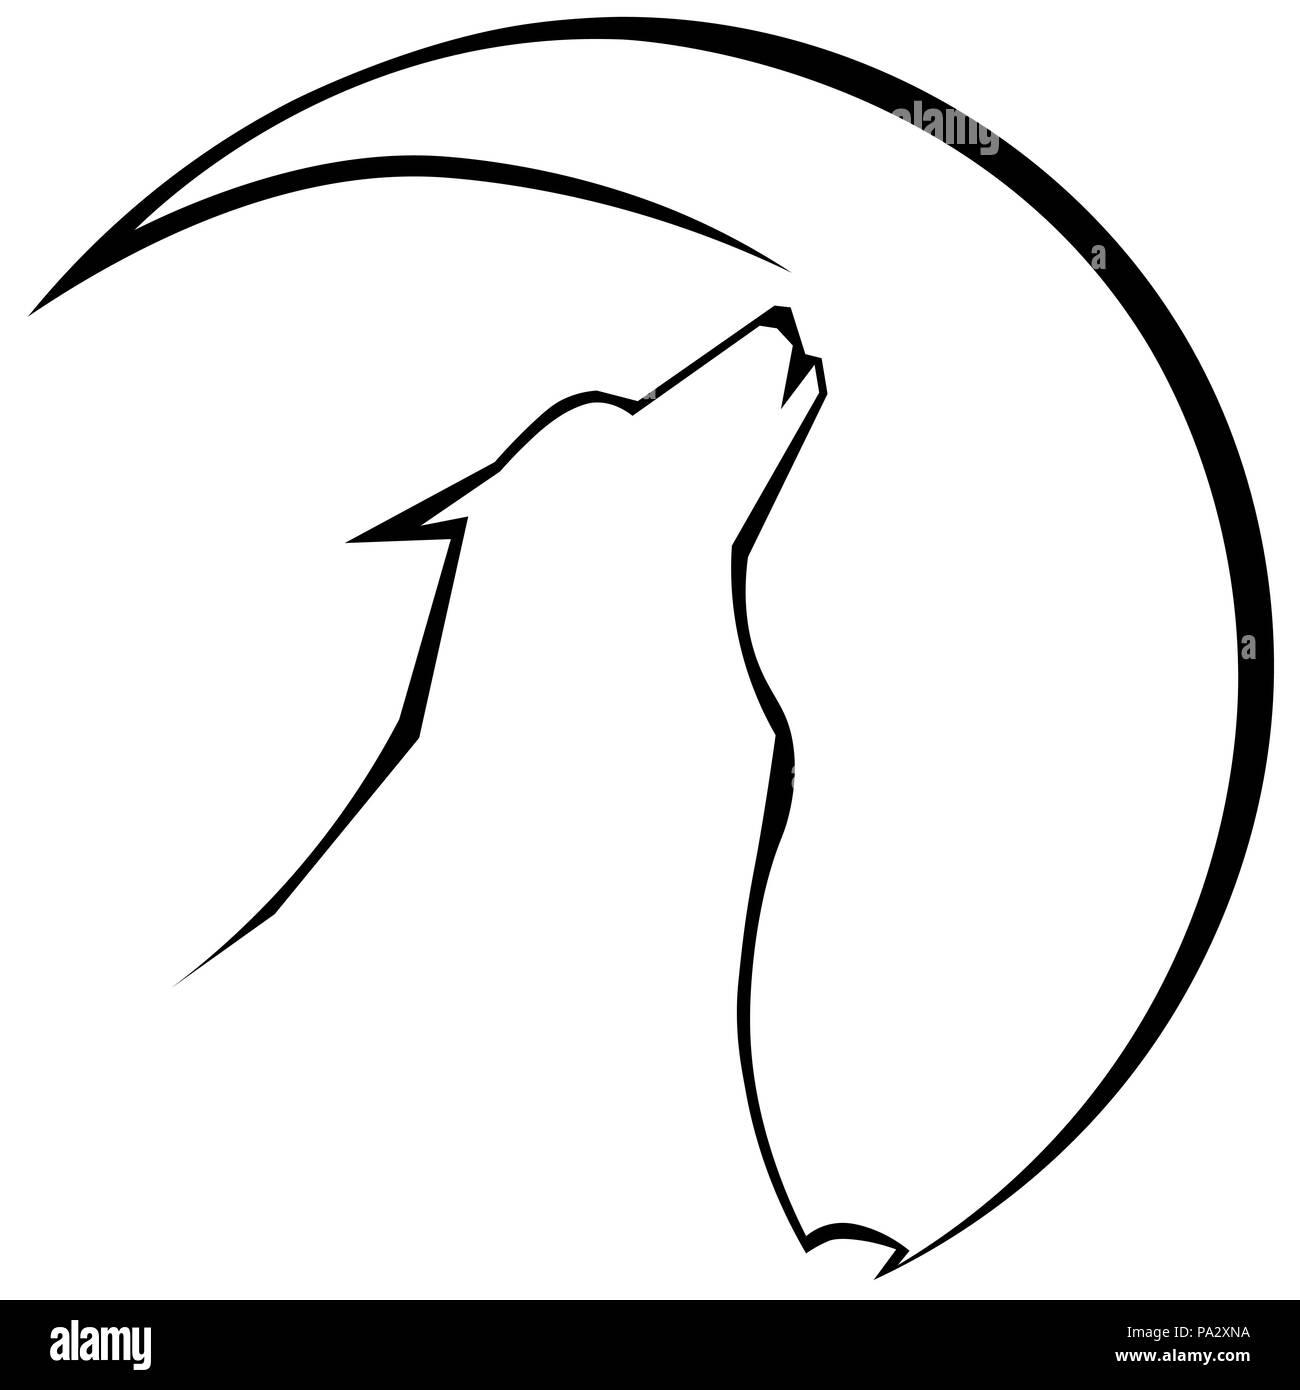 Silueta De Lobo Aullando A La Luna Logotipo Minimalista Tatuaje